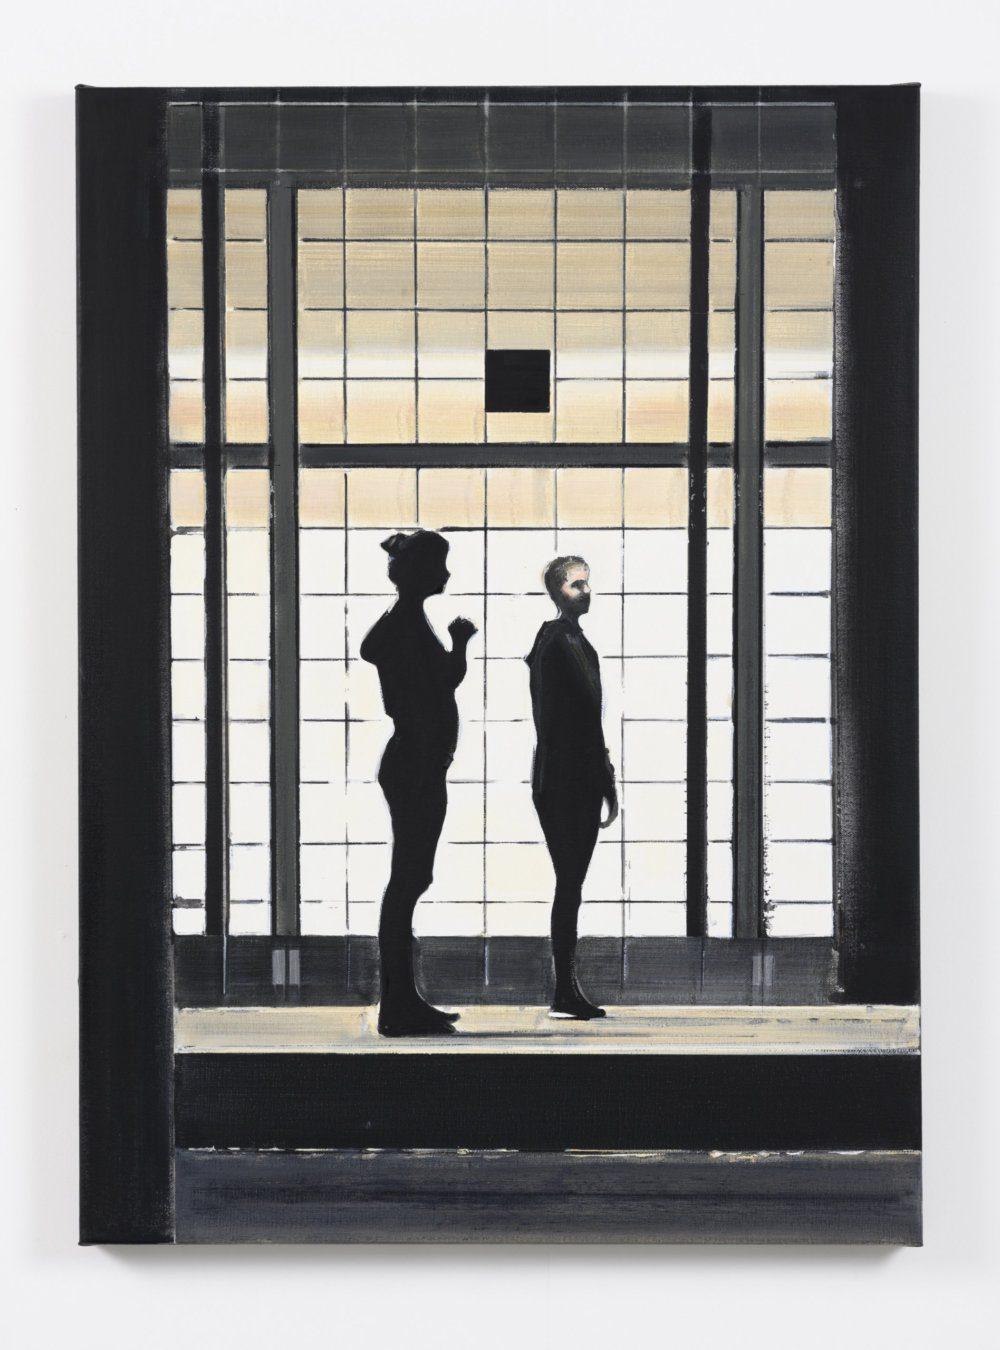 Koen Vermeule, Light Grid, 110 x 80 cm, olieverf op linnen